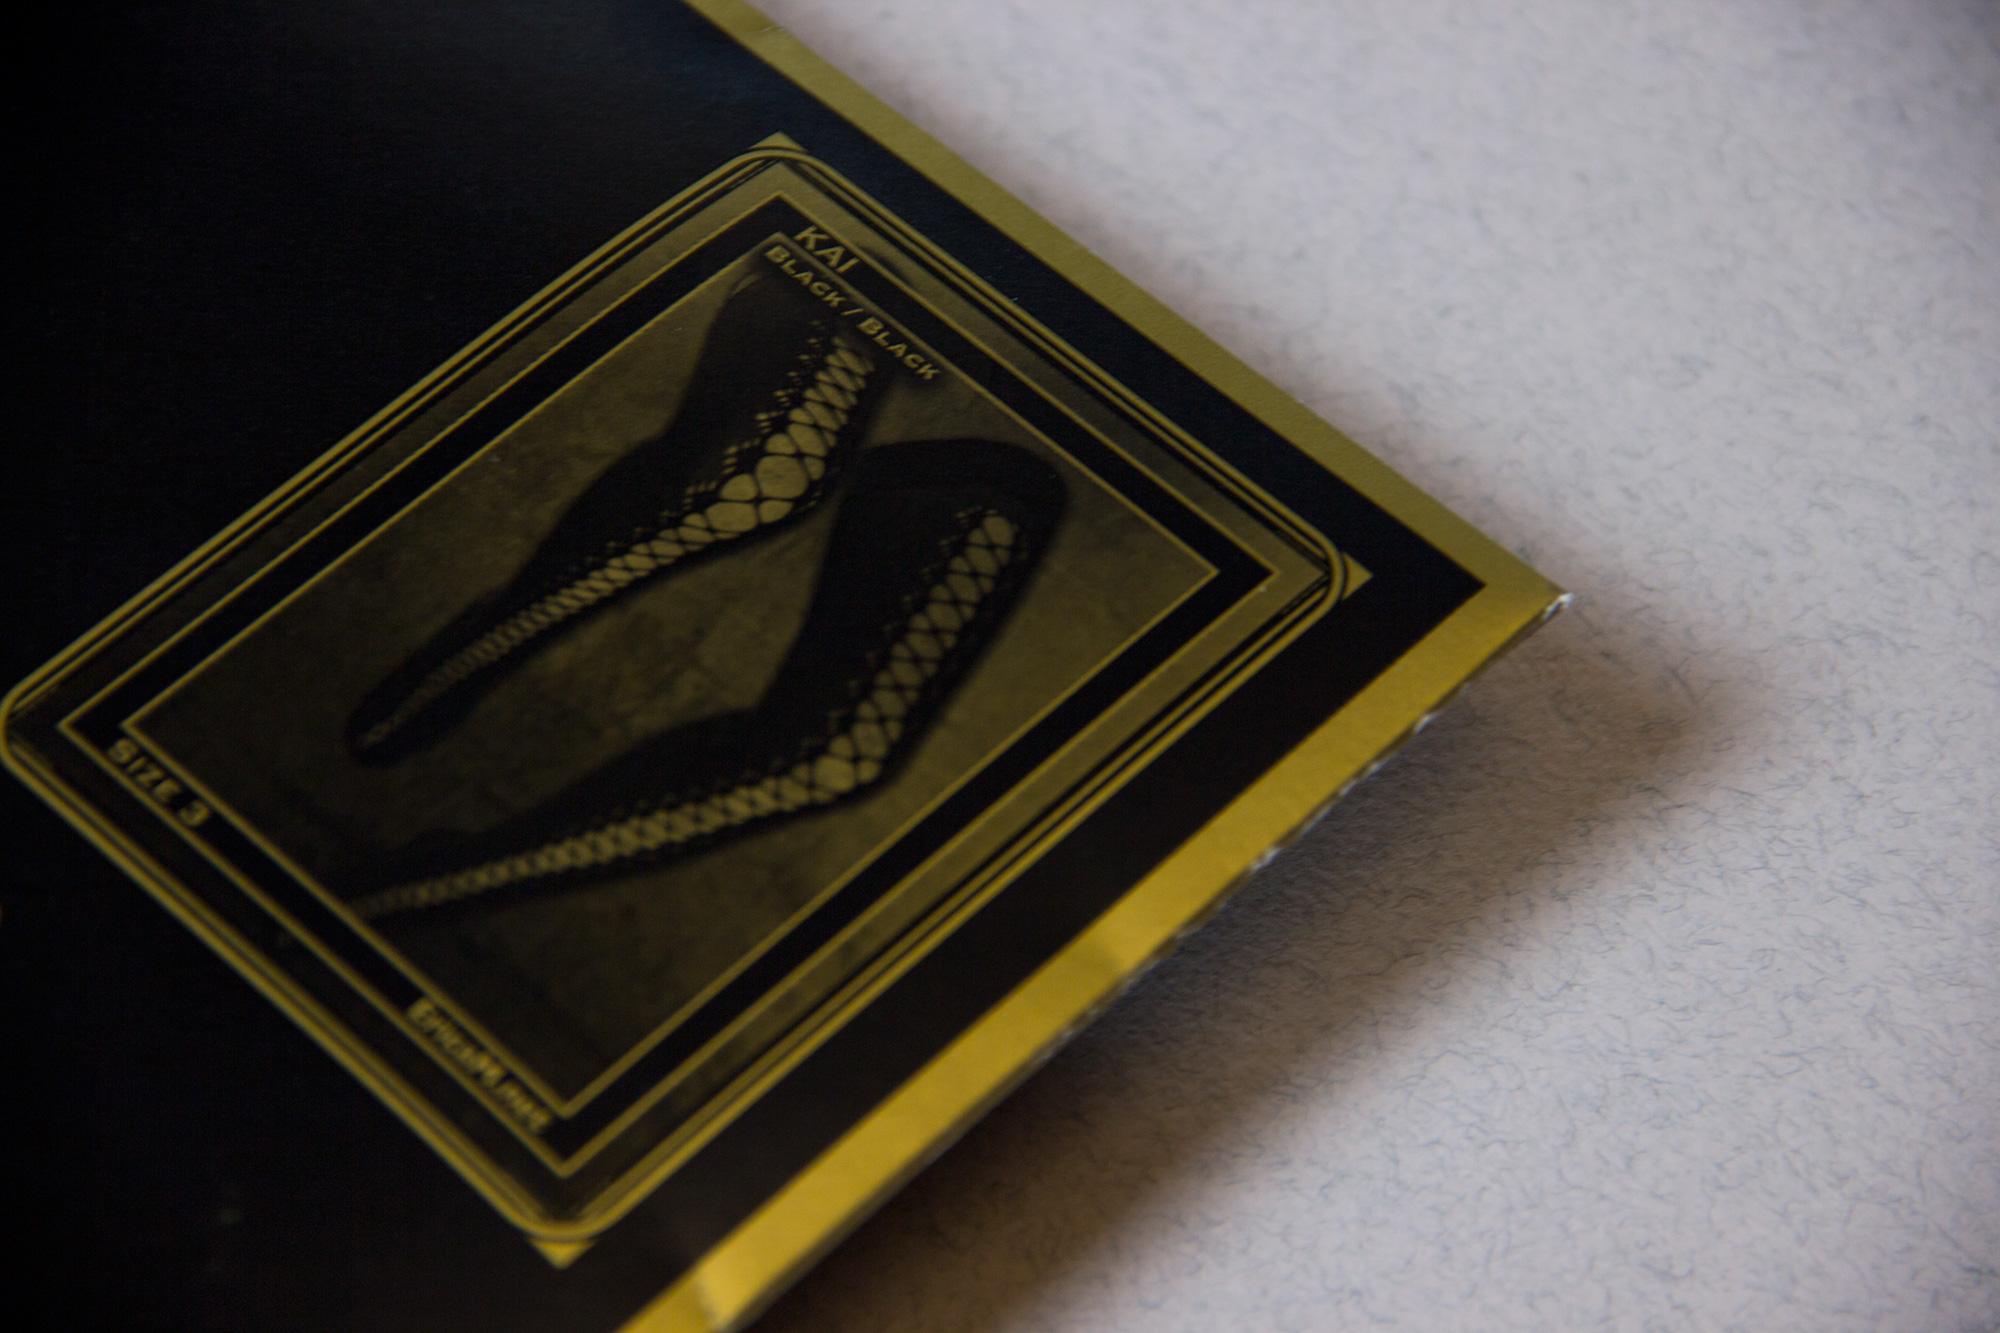 Обзор чулок Kai от английского бренда Erica M. в журнале о нижнем белье GB {Garterblog.ru}